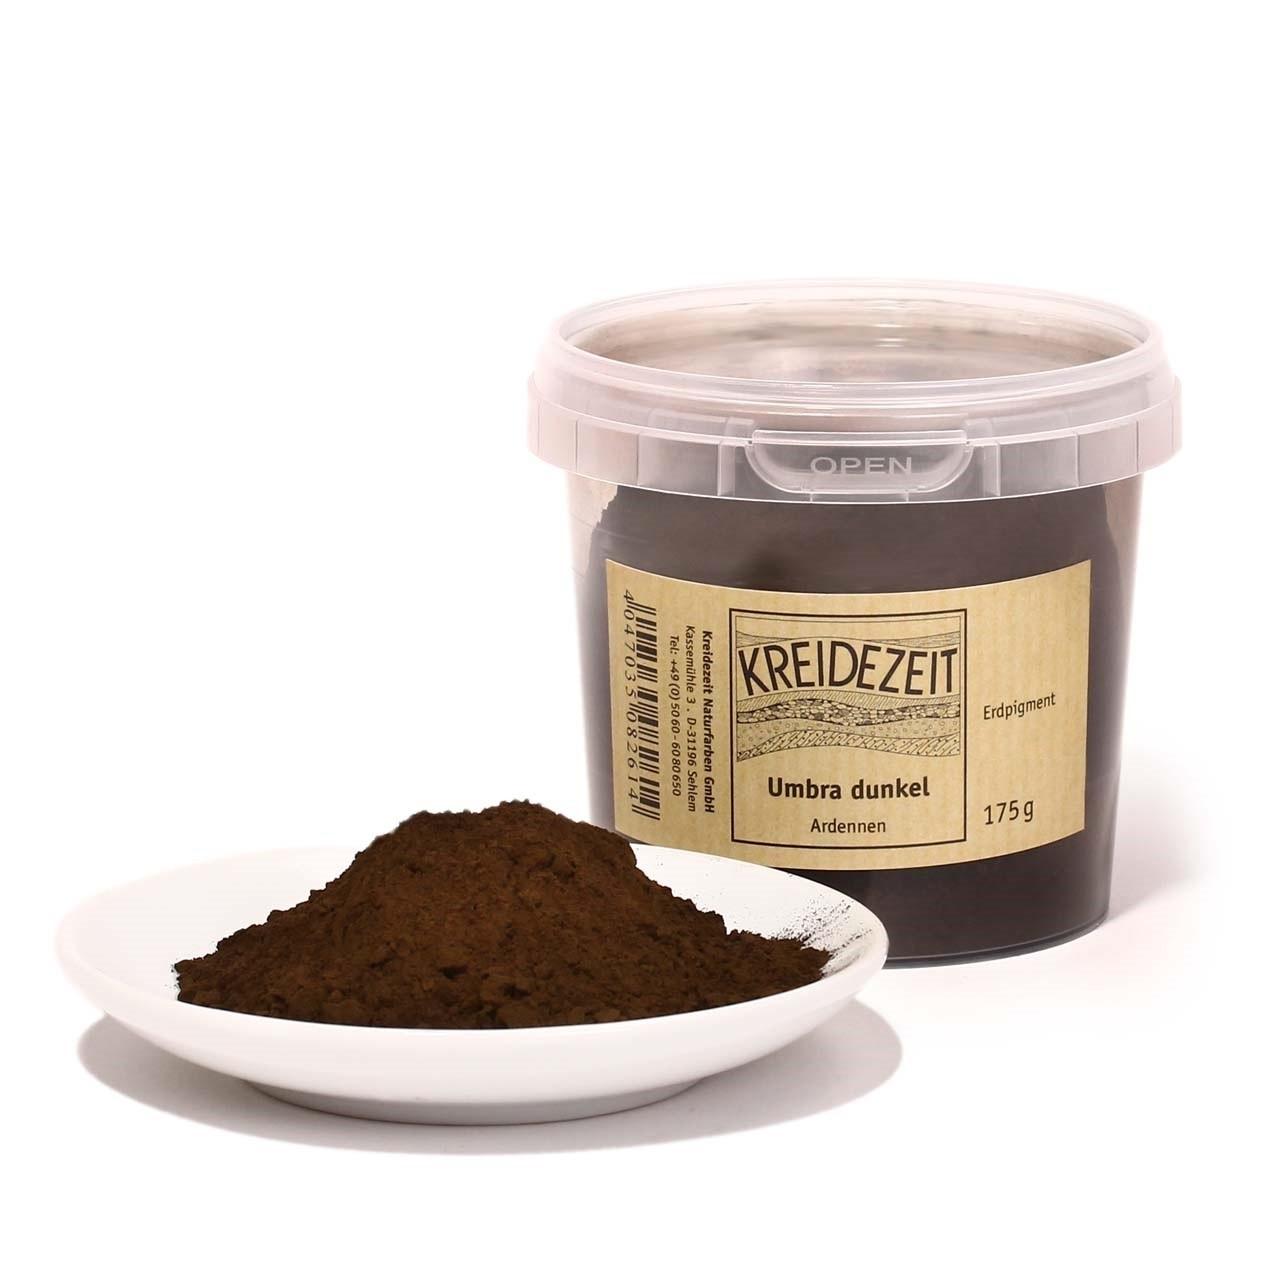 Keidezeit Pigment Umbra dunkel, Ardennen 75 g